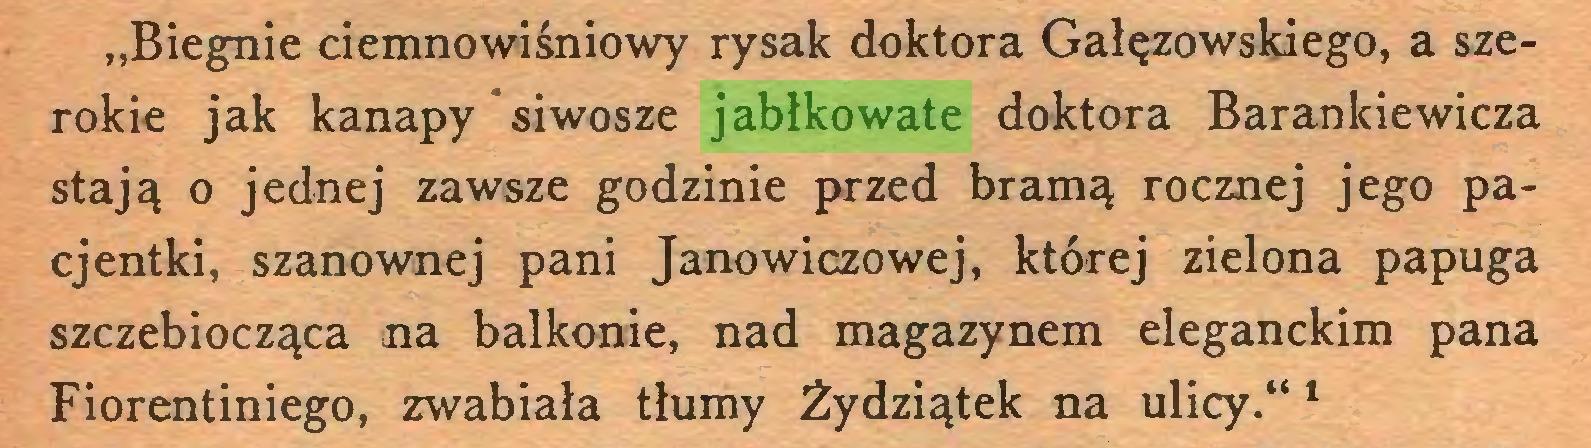 """(...) """"Biegnie ciemnowiśniowy rysak doktora Gałęzowskiego, a szerokie jak kanapy siwosze jabłkowate doktora Barankiewicza stają o jednej zawsze godzinie przed bramą rocznej jego pacjentki, szanownej pani Janowiczowej, której zielona papuga szczebiocząca na balkonie, nad magazynem eleganckim pana Fiorentiniego, zwabiała tłumy Żydziątek na ulicy.""""1..."""